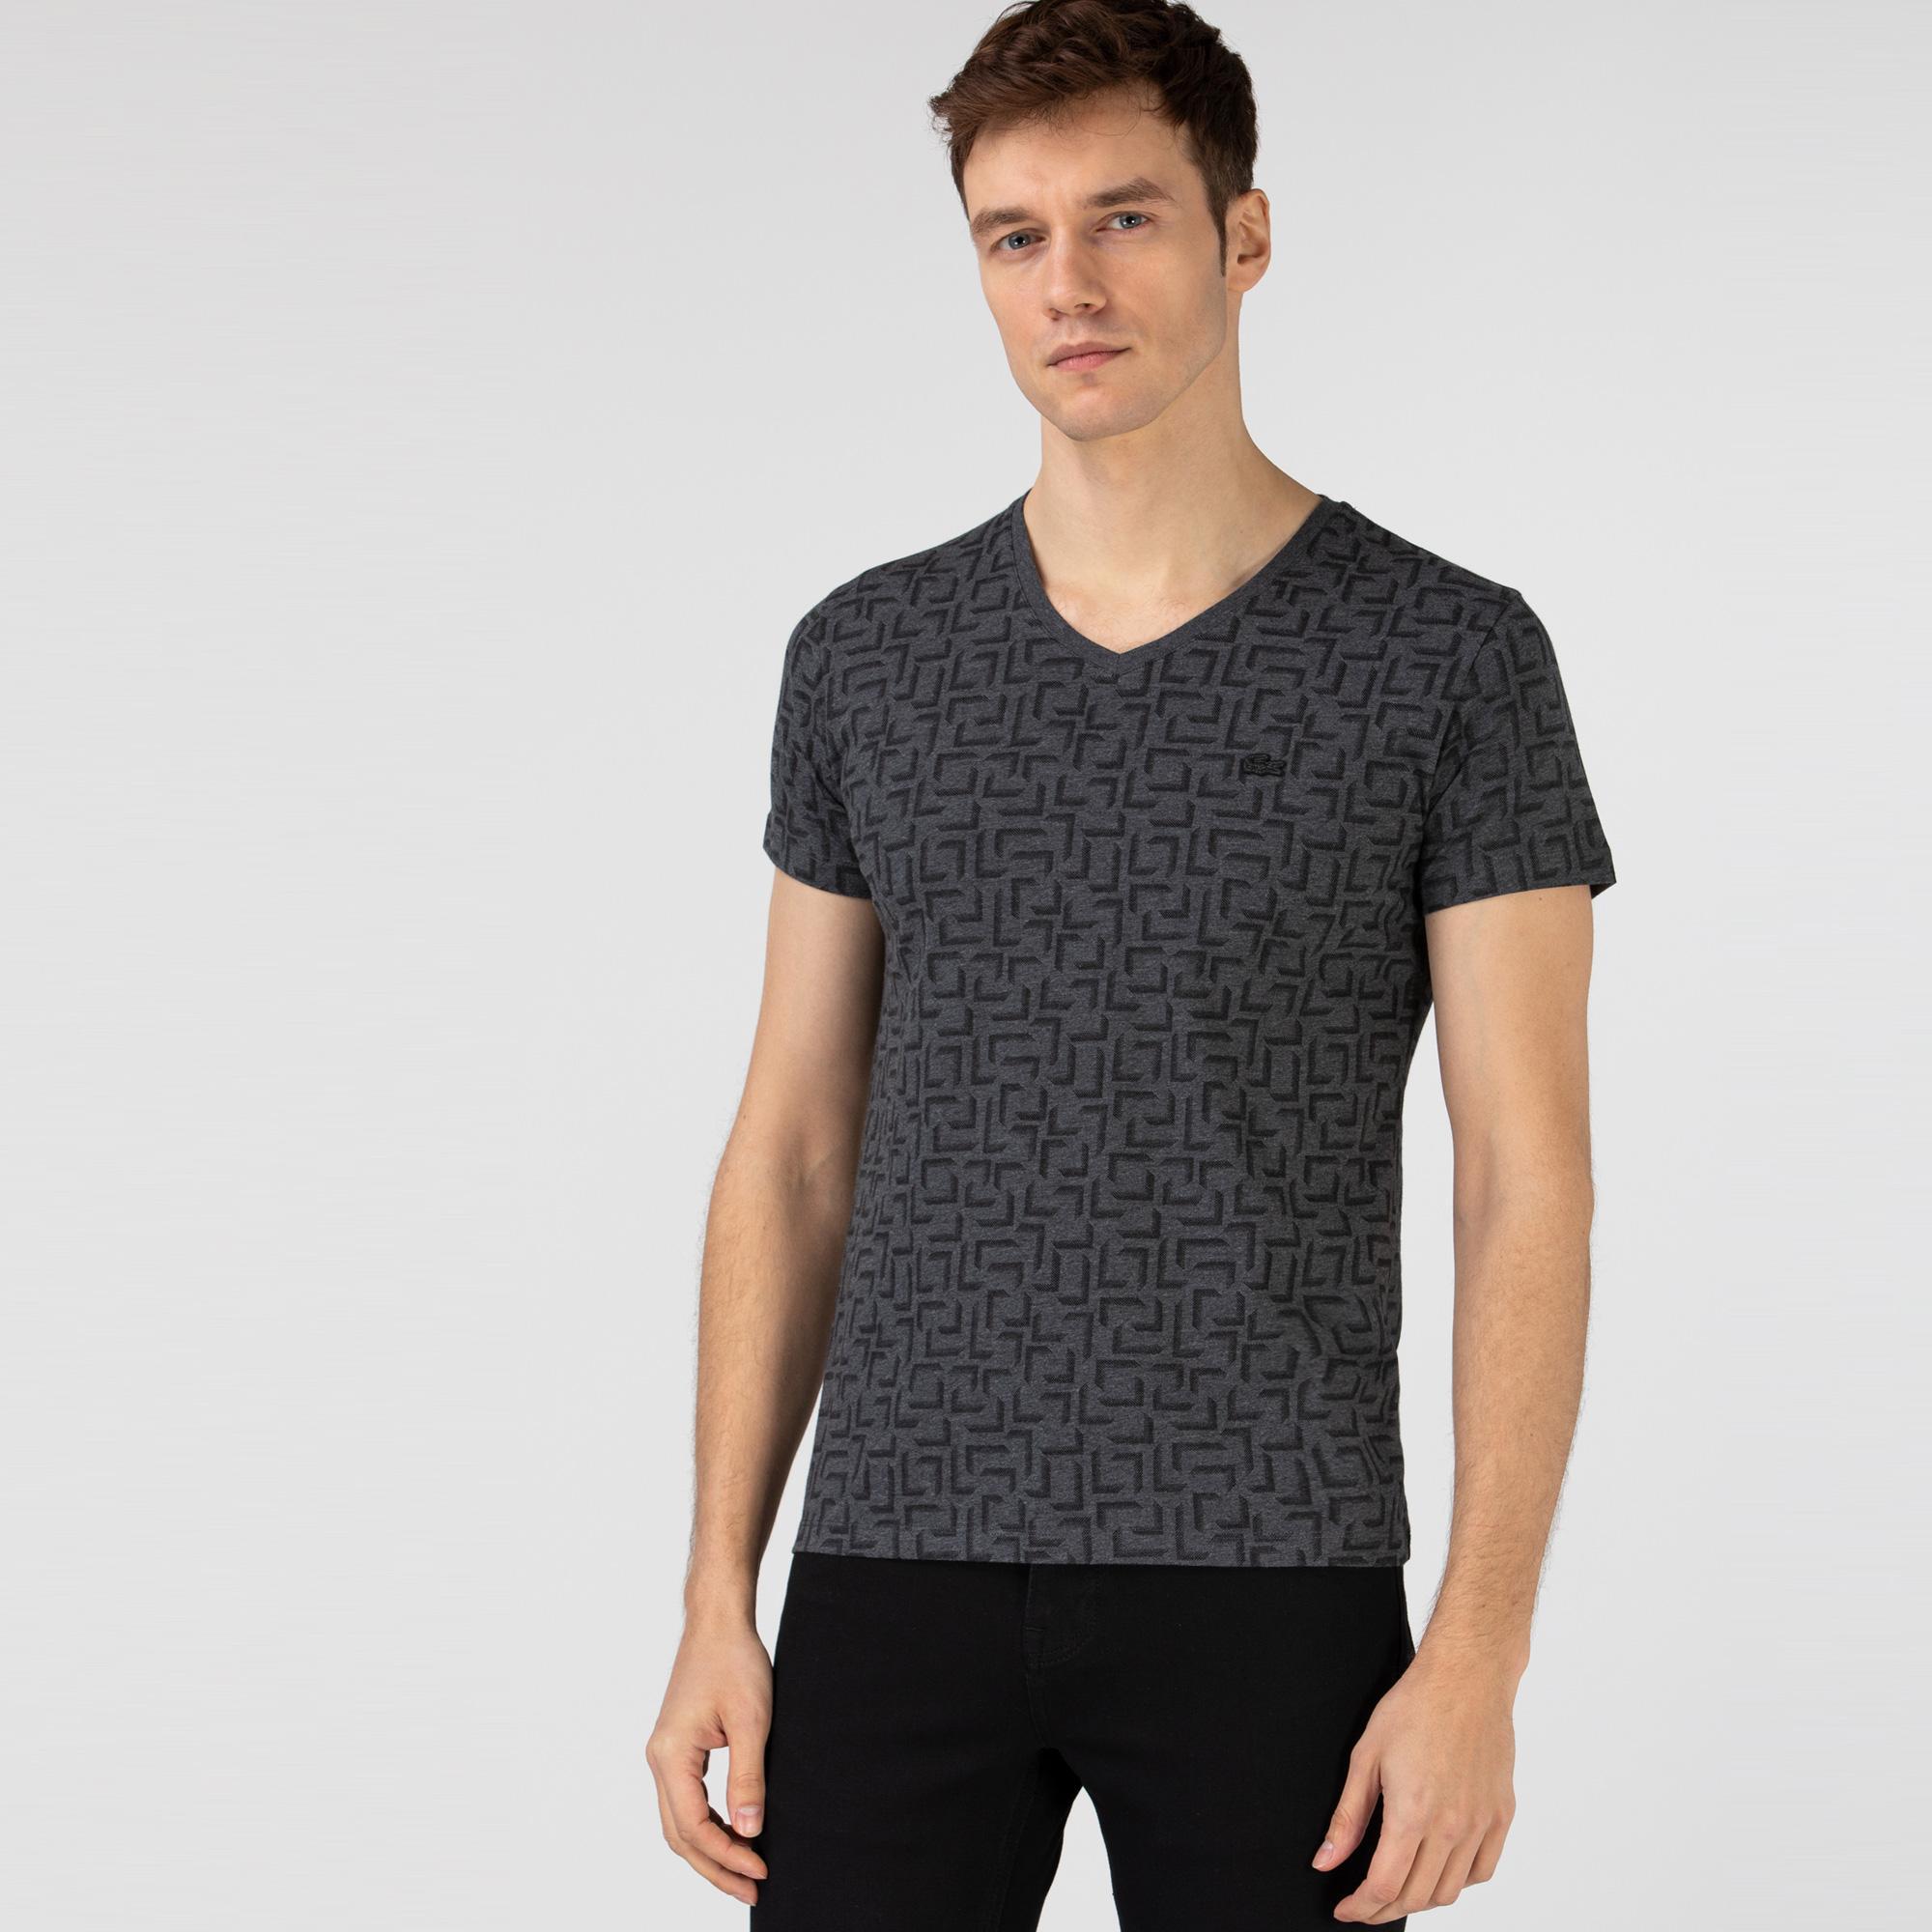 Lacoste Erkek Slim Fit V Yaka Desenli Gri T-Shirt